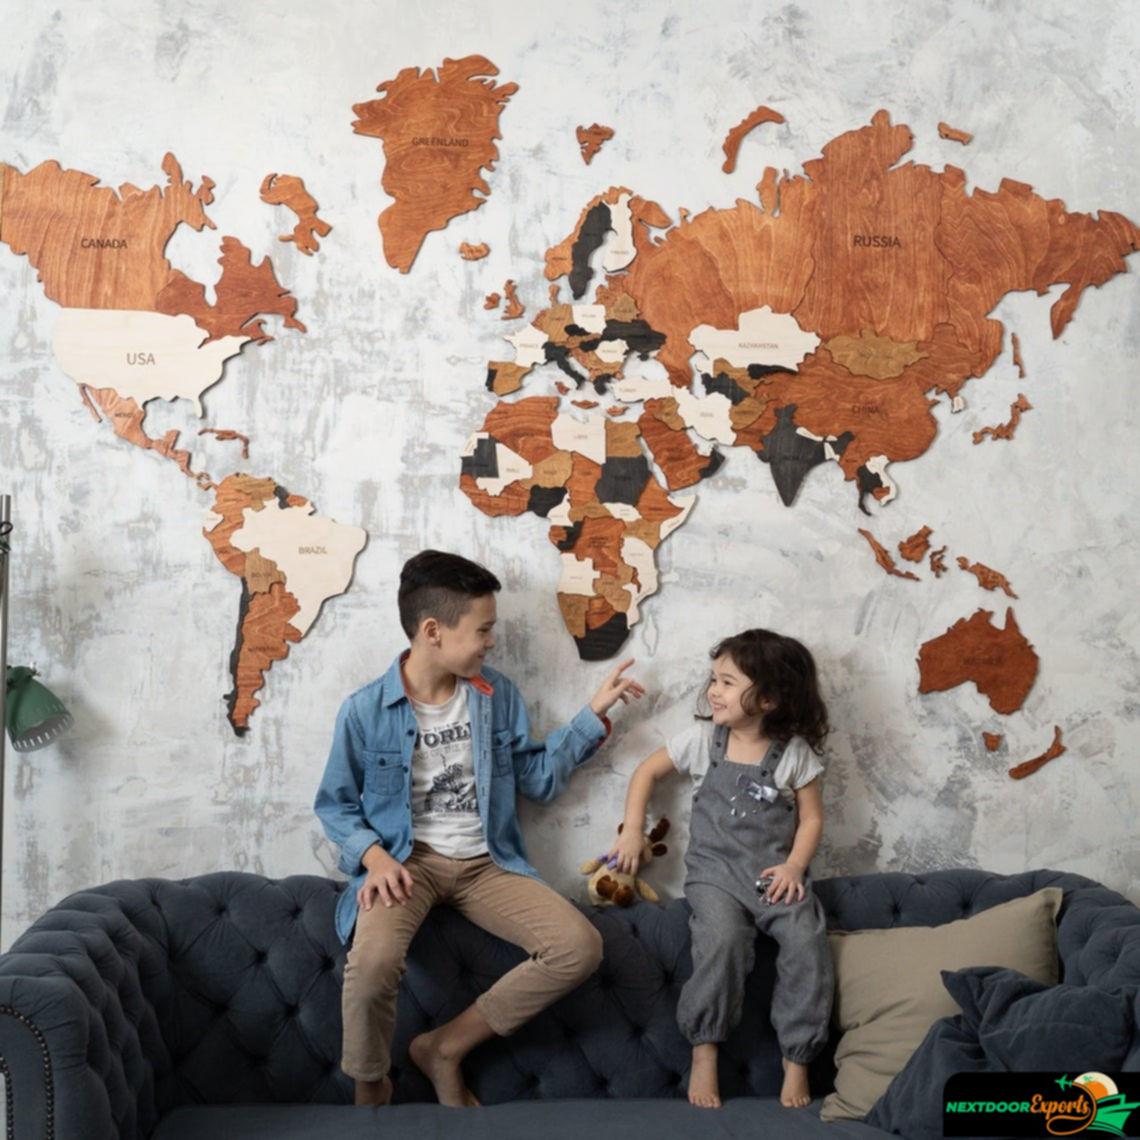 Kinder Zimmer Dekor, Geschenk Für jungen und Mädchen, Wand 3D holz weltkarte pädagogisches geschenk